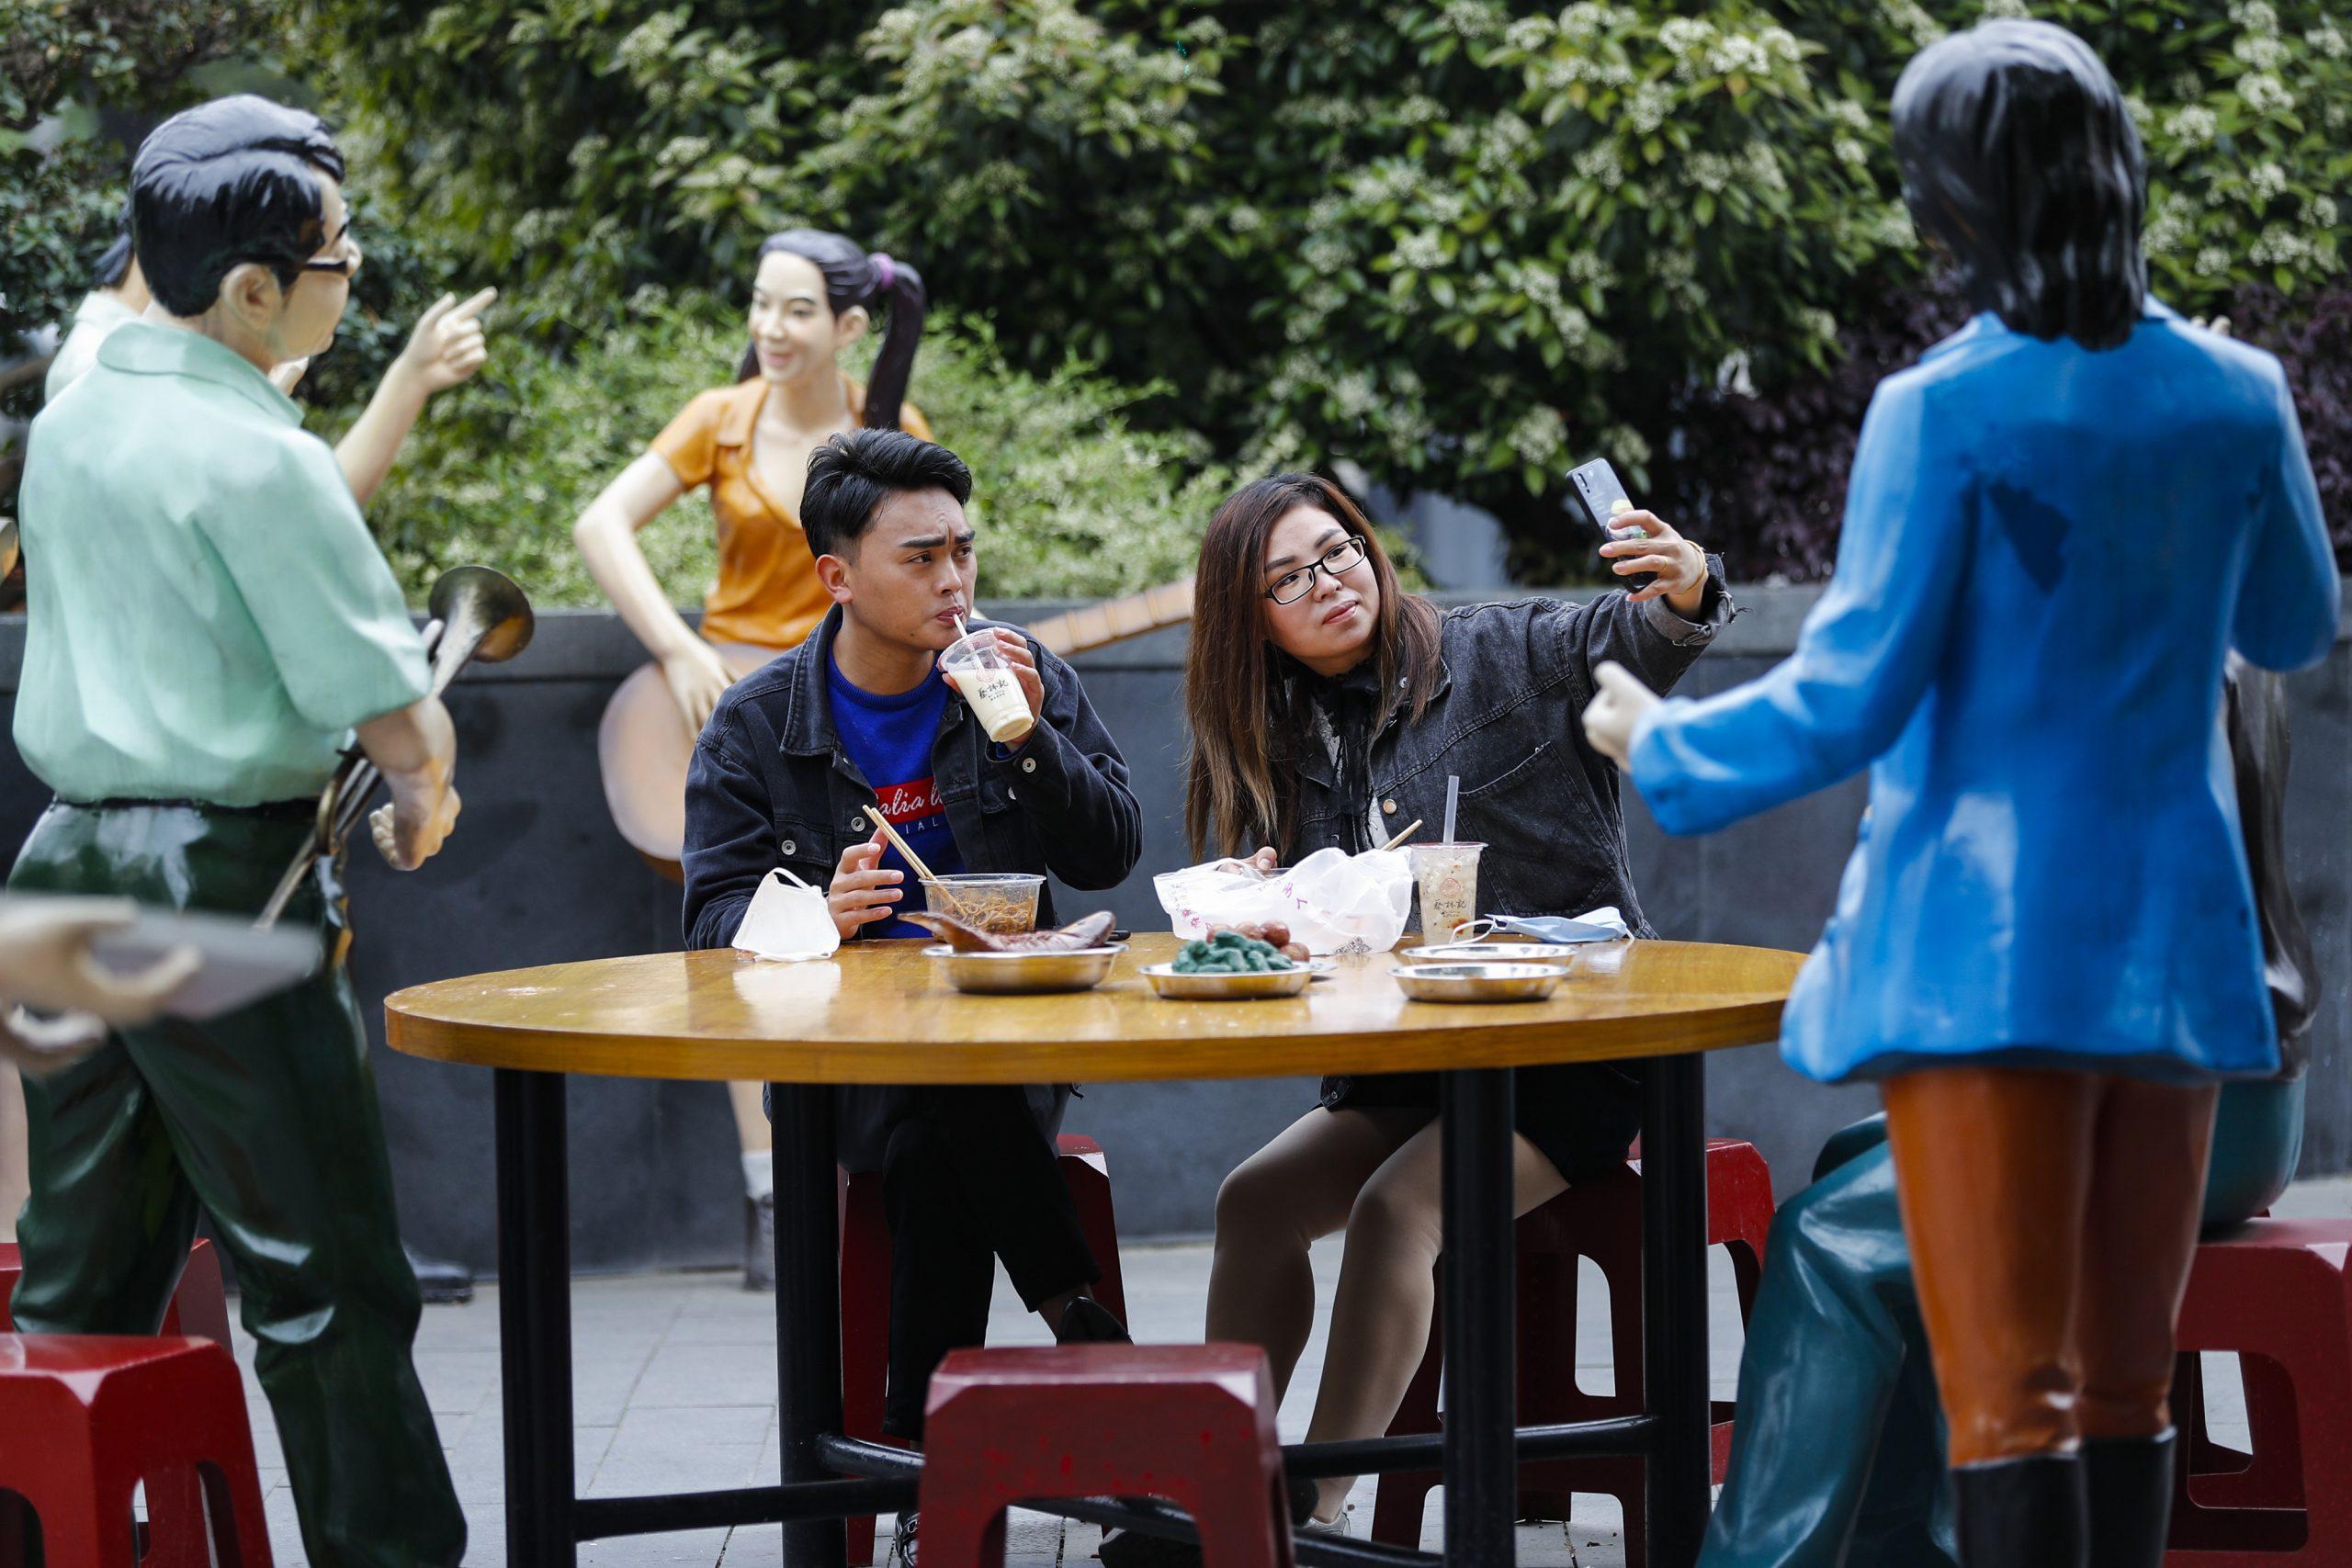 Wuhan levanta restricciones a viajes de salida y pone fin a meses de confinamiento